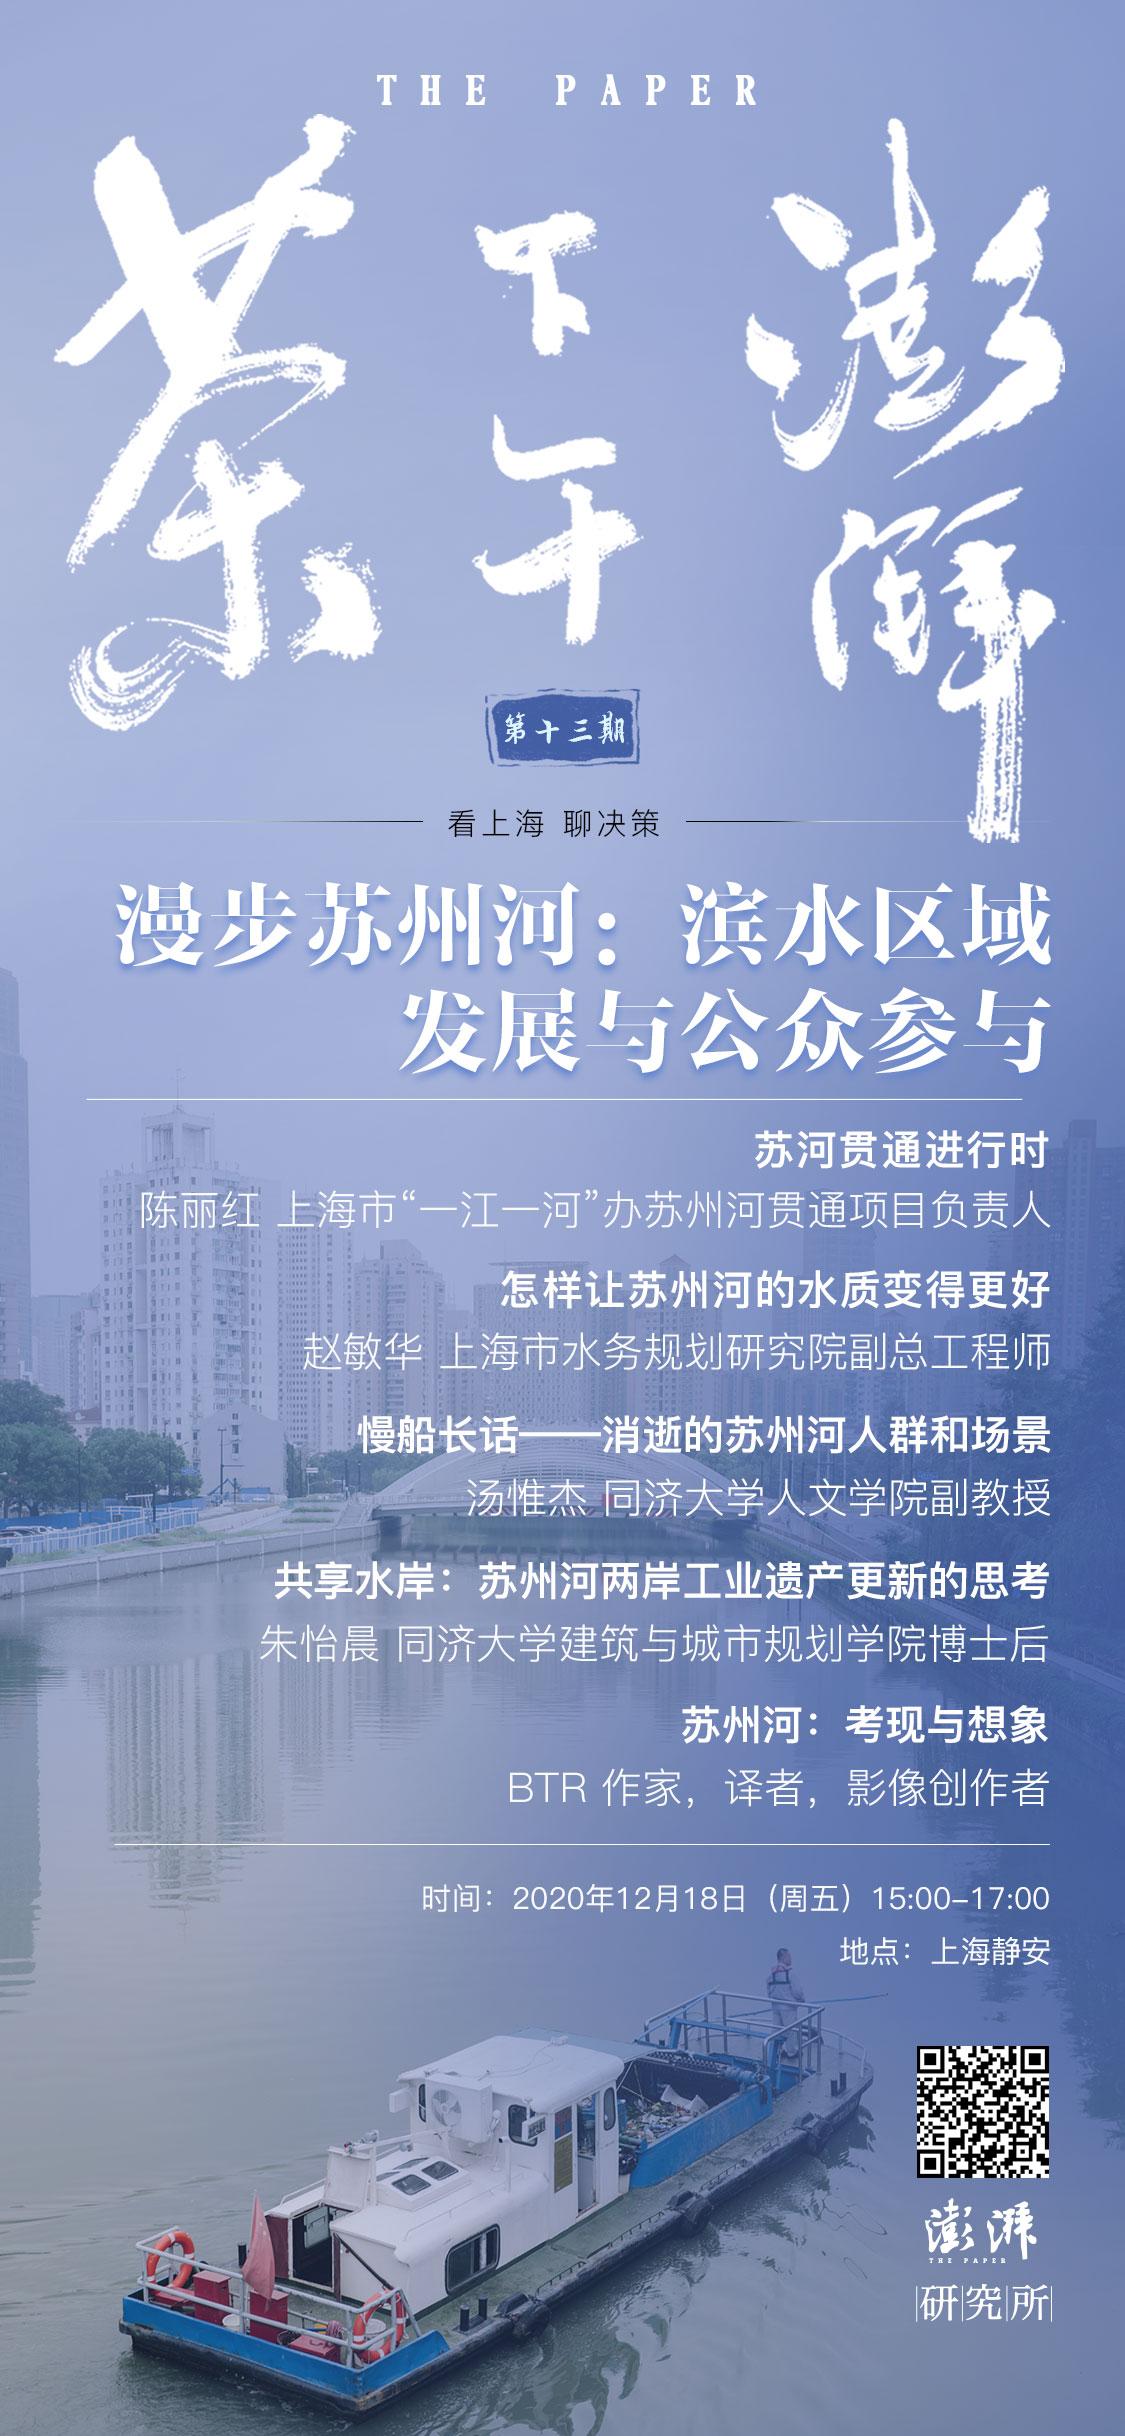 澎湃新闻 王璐瑶 制图